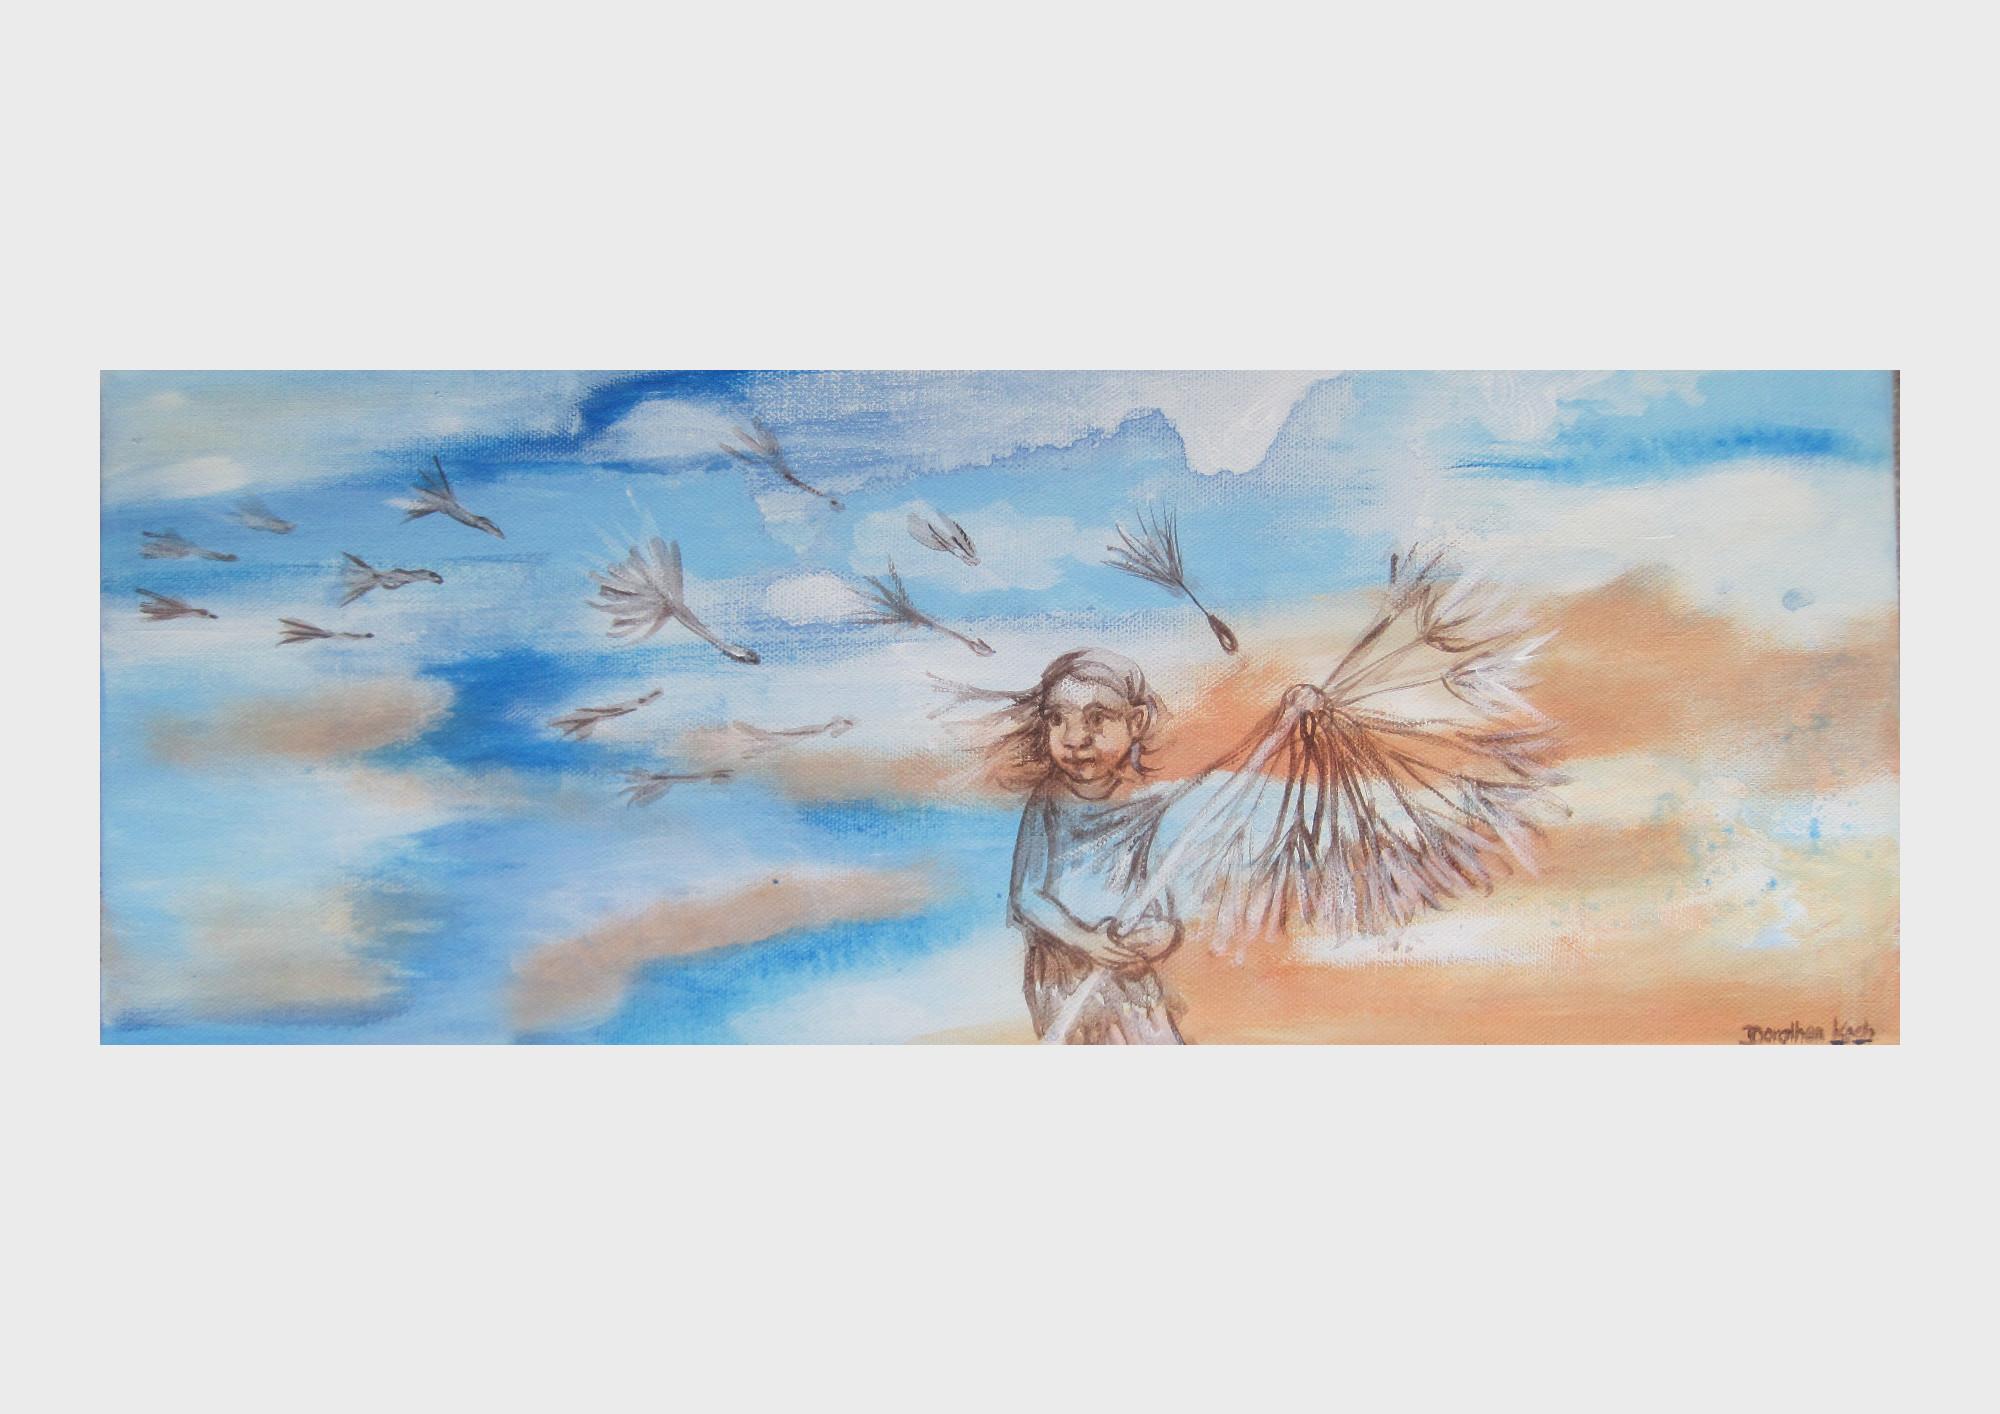 Ein verträumtes Motiv mit Acrylfarben auf Leinwand gemalt. Vor einem Wolkenhimmel, in blau und orange Tönen mit kräftigen Pinselstrichen, ist ein kleines Mädchen mit Puste Blume lasierend und transparent gemalt.